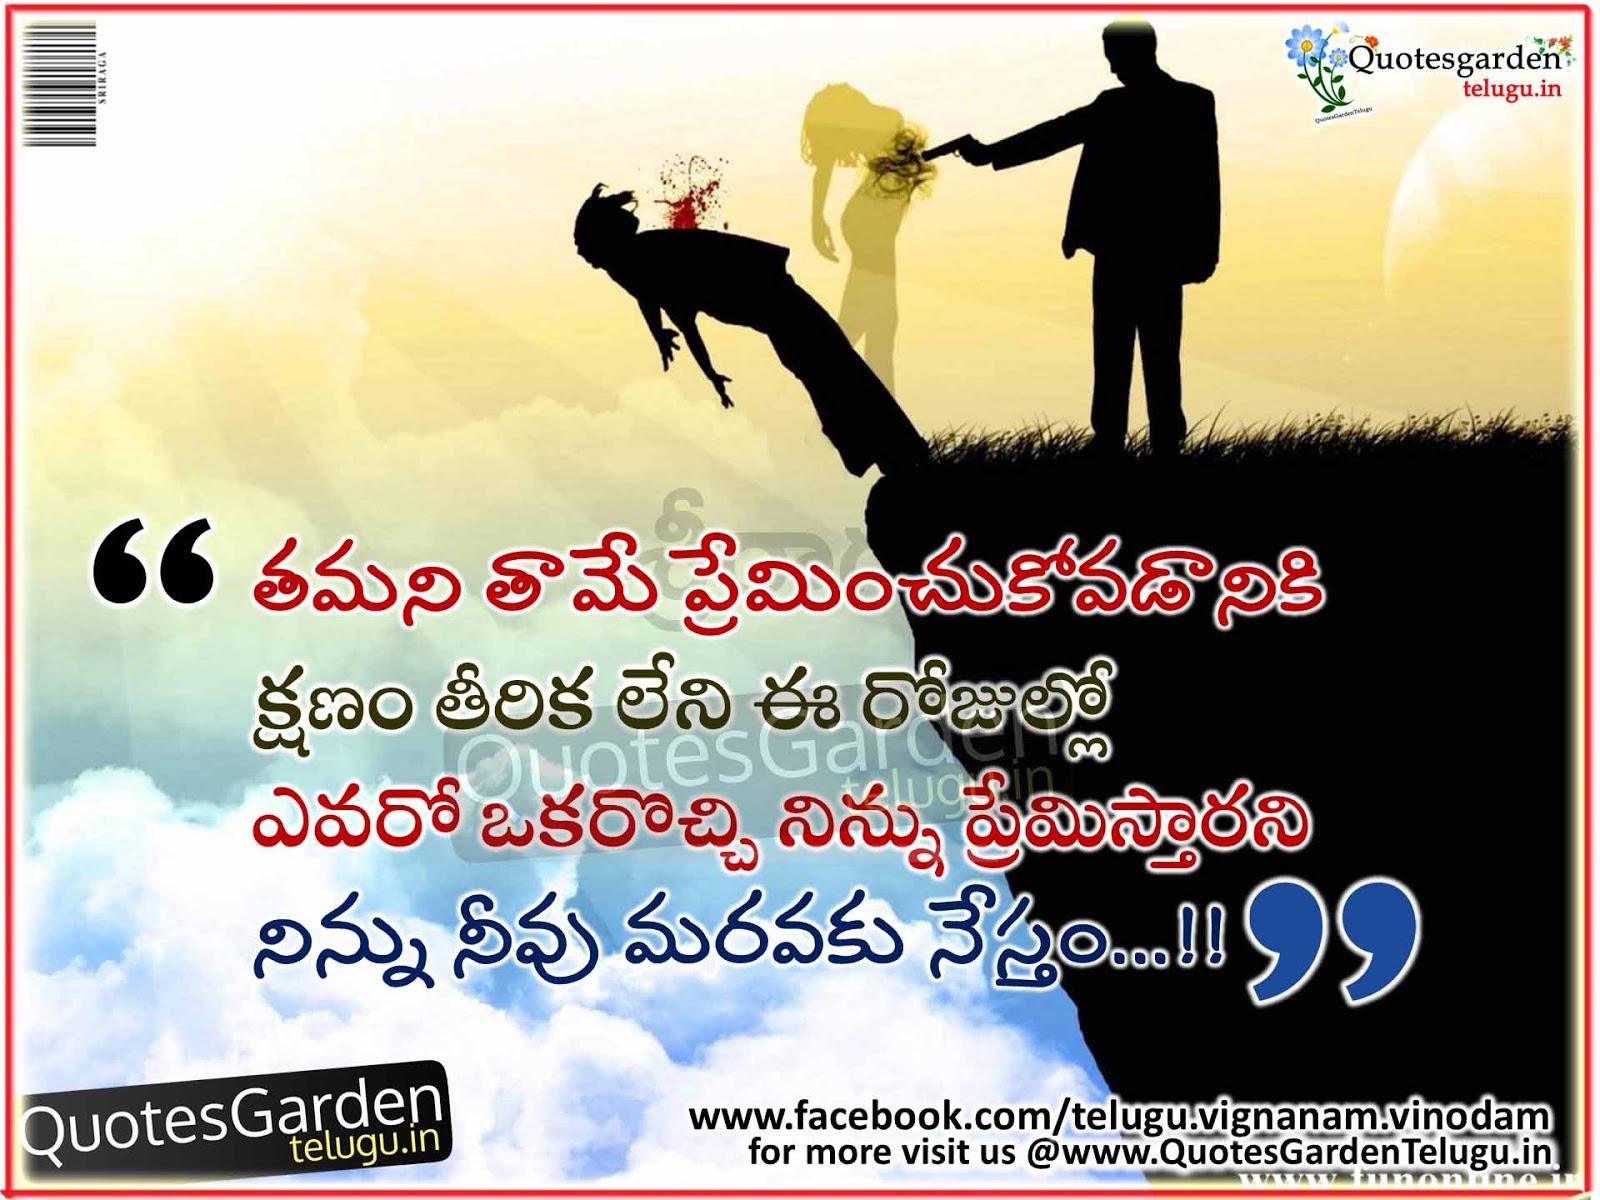 Love quotes in telugu pictures